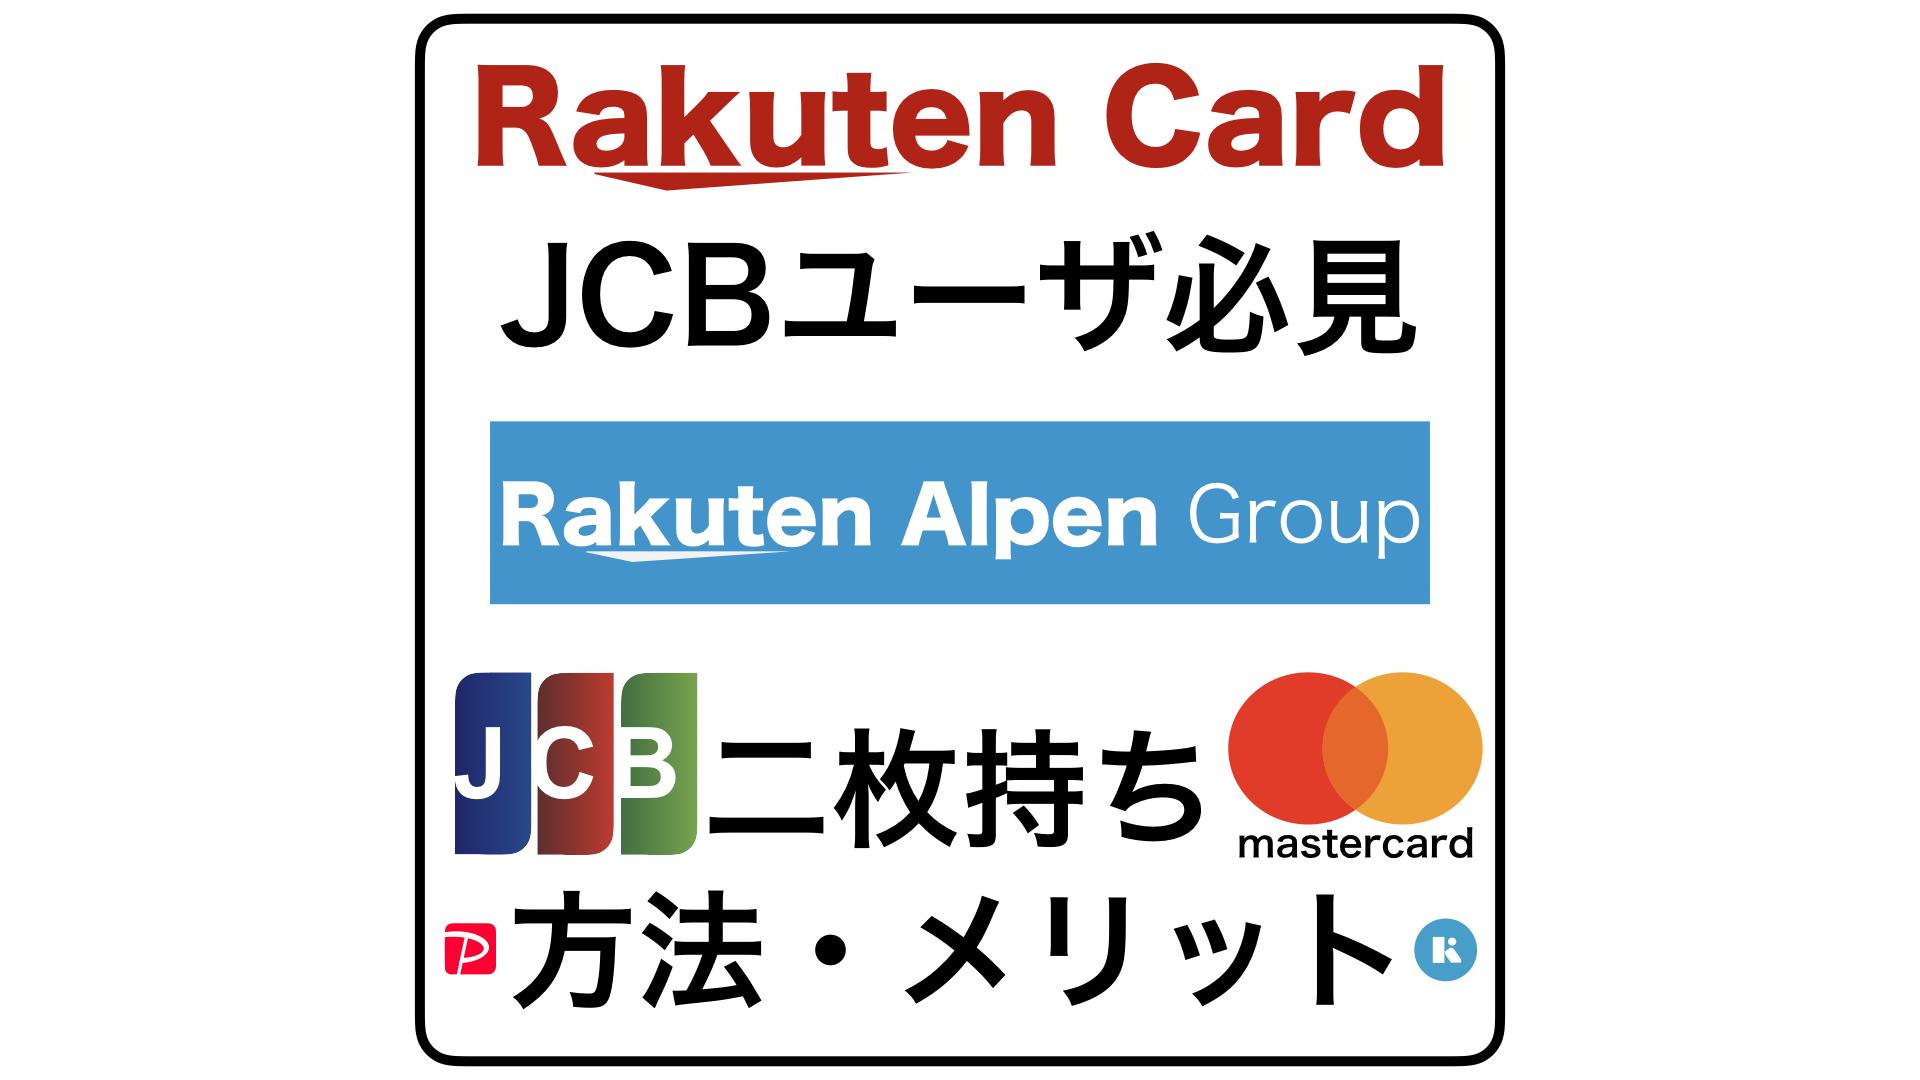 二 楽天 枚 持ち カード